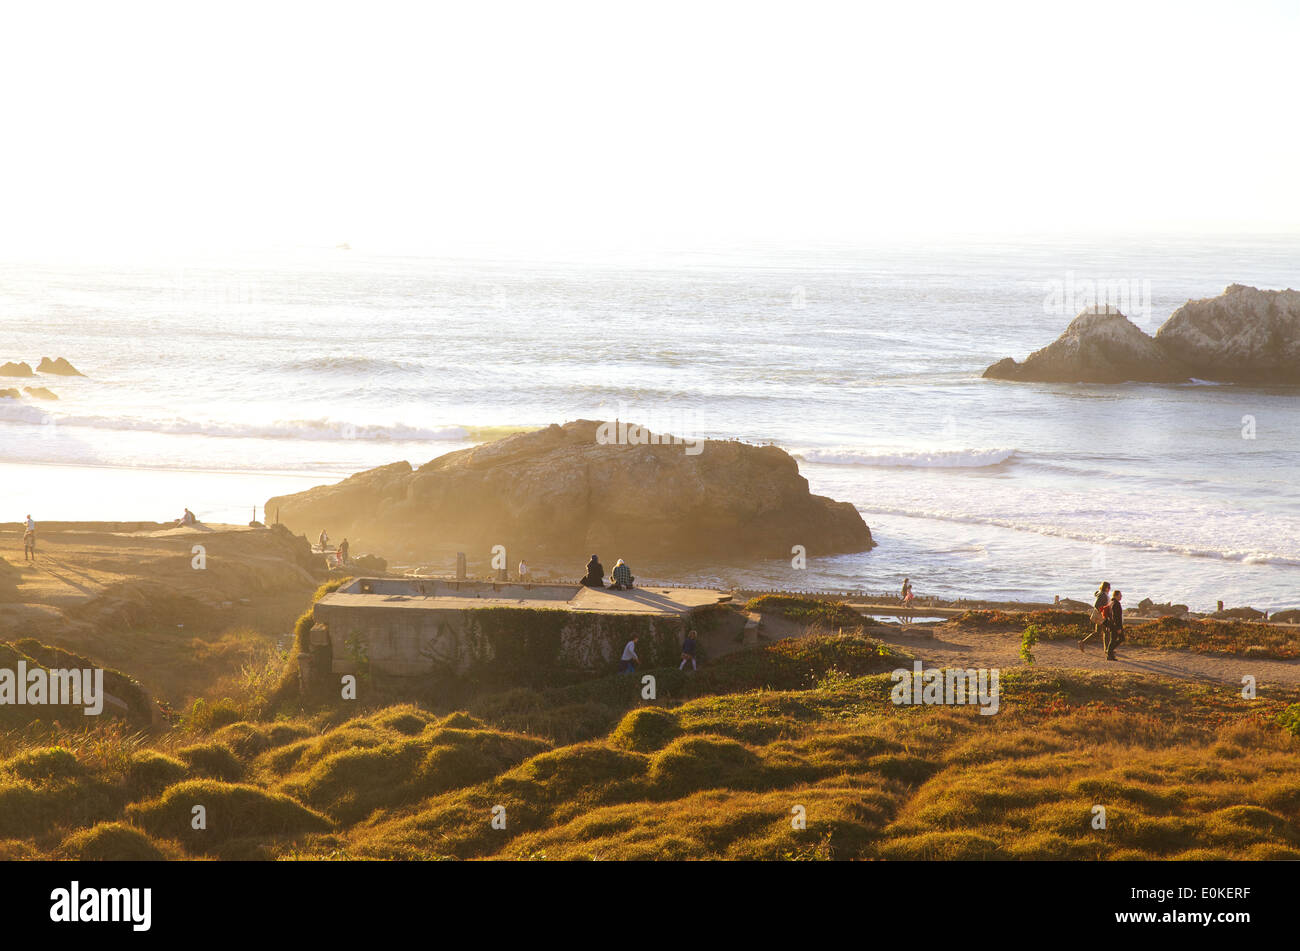 Persone godetevi il sole e camminare intorno al Waterfront presso i bagni Sutro a Lands End in San Francisco, California. Immagini Stock